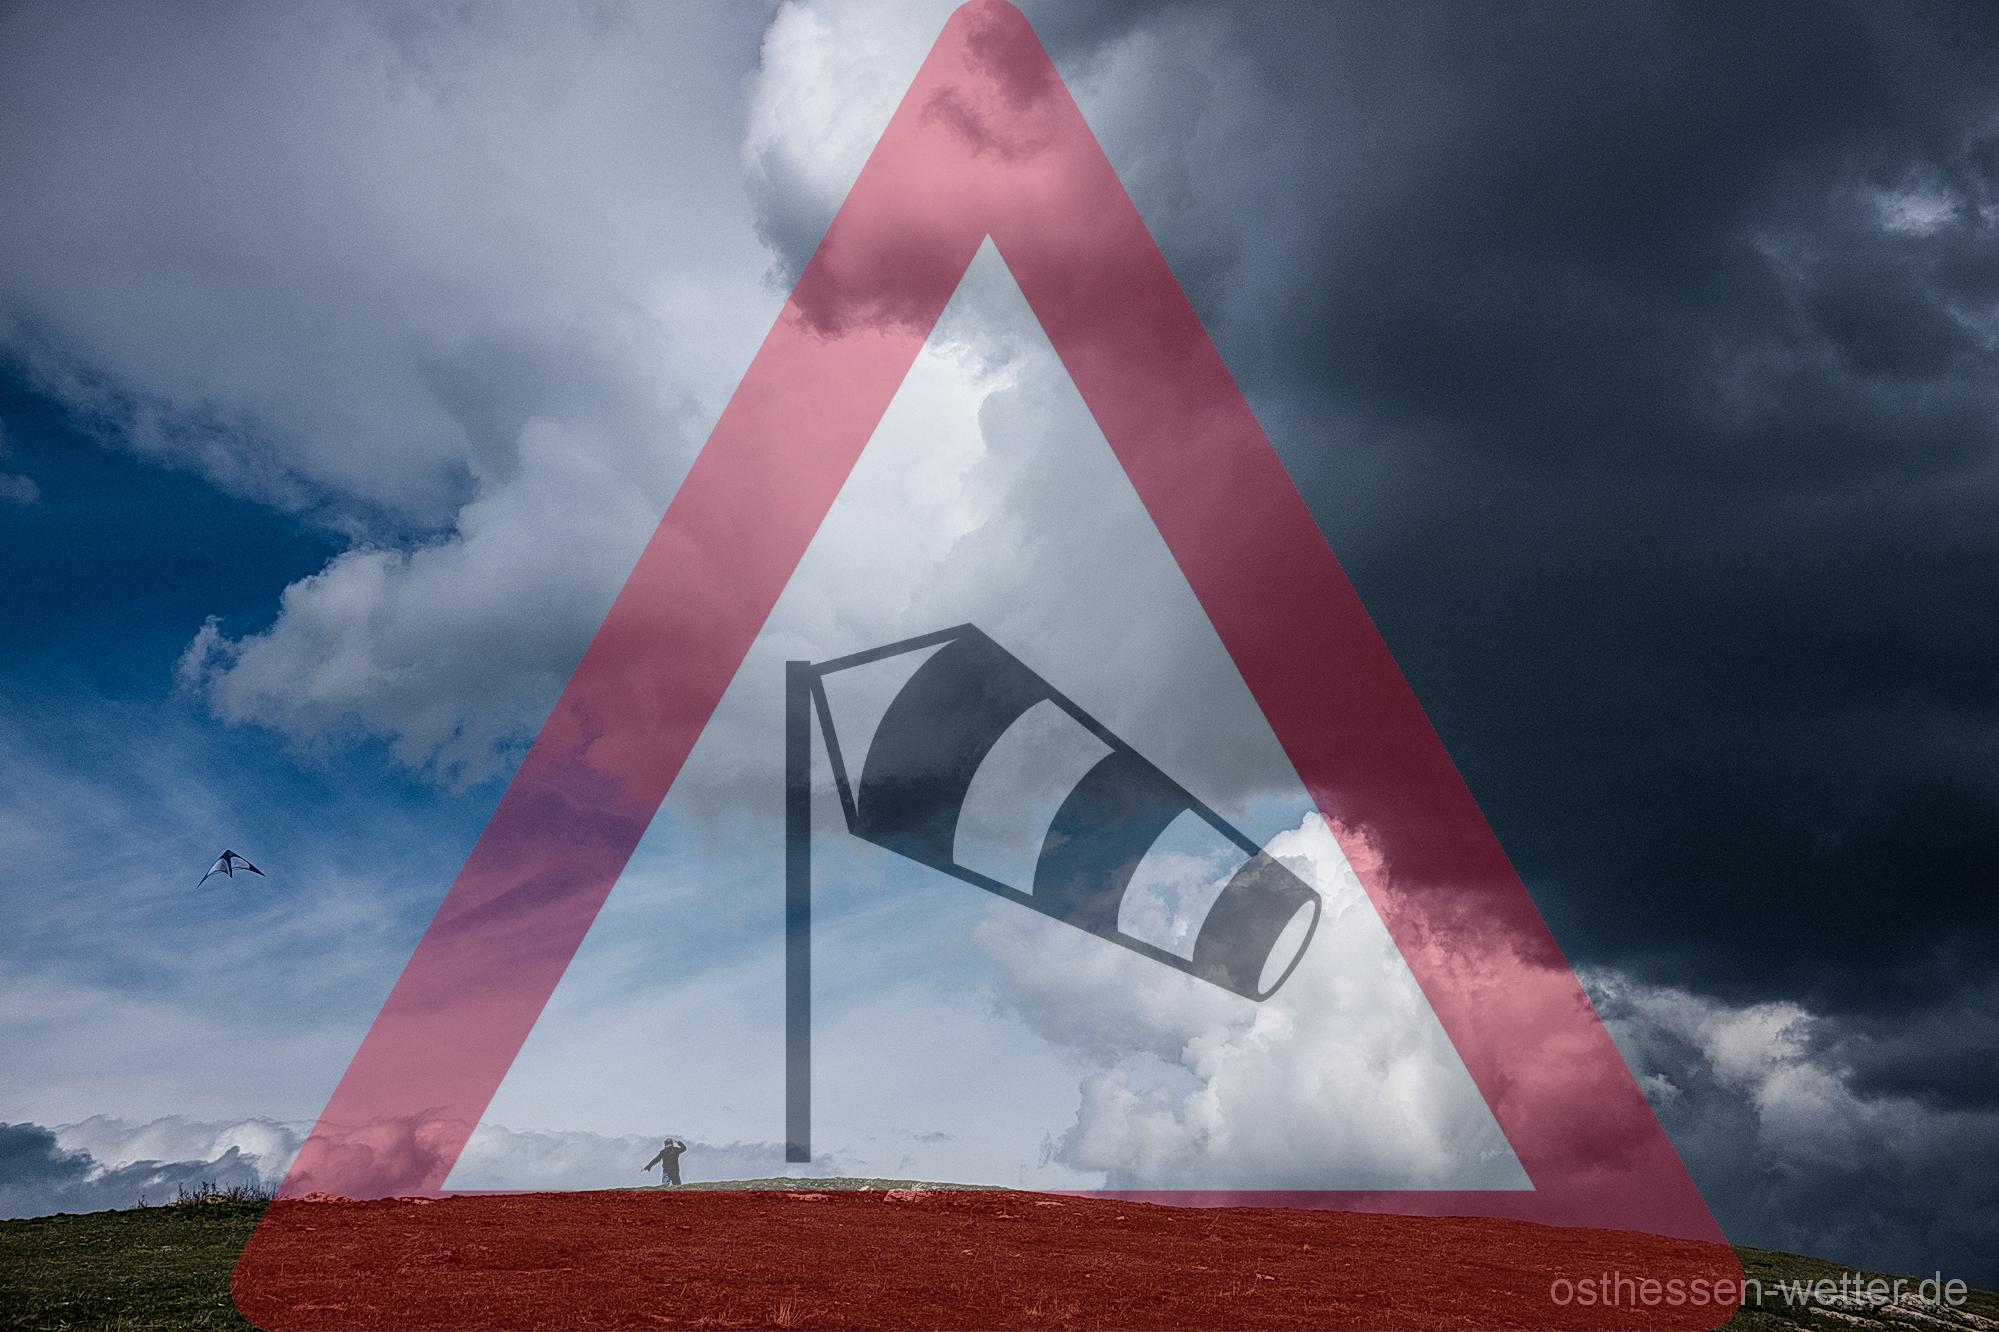 ow_wind_warnung_001_2000x1333